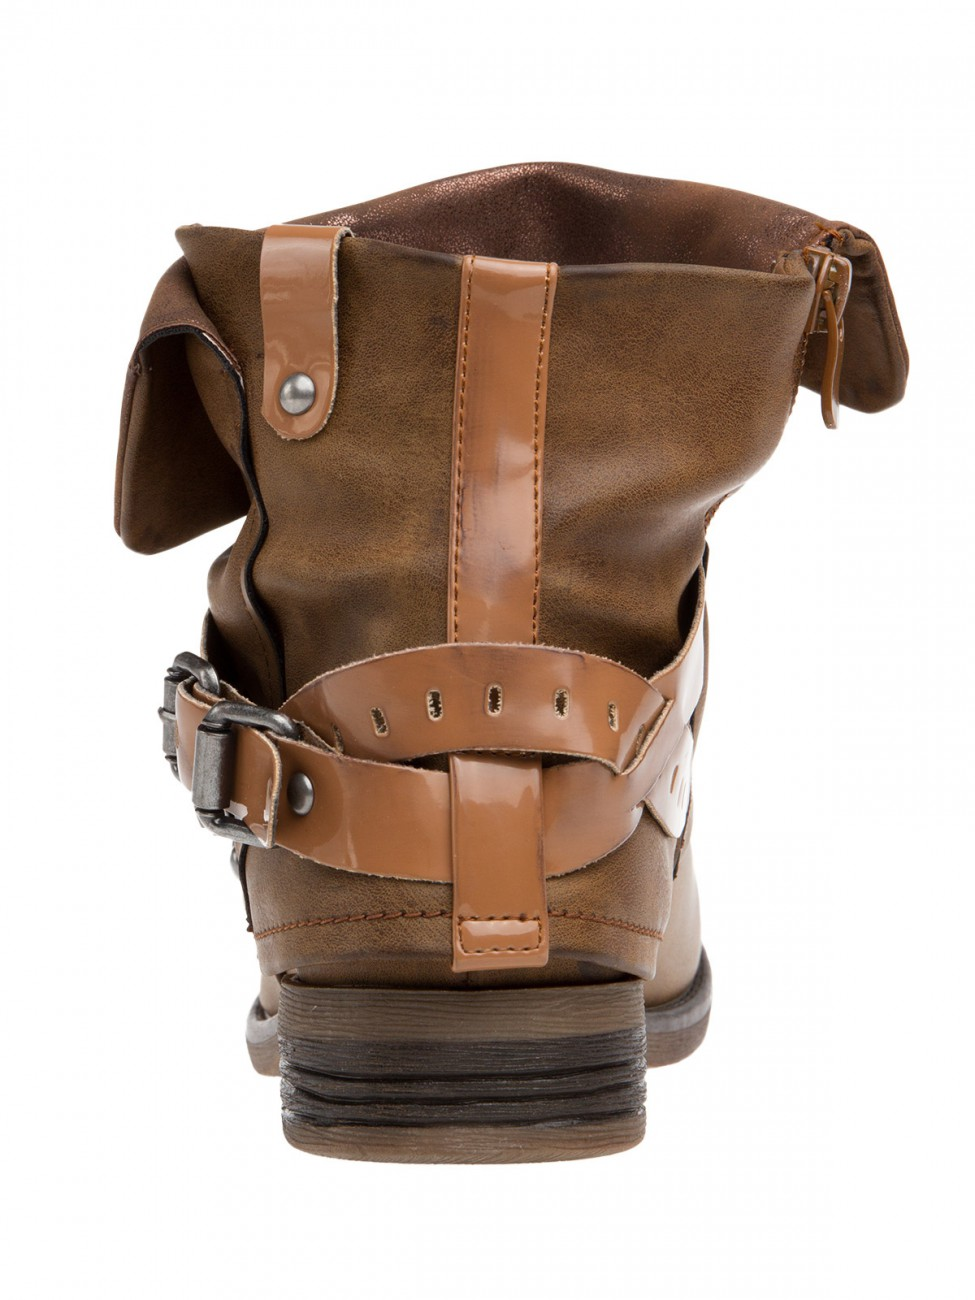 damen vintage biler ankle boots stiefeletten schwarz braun grau 37 38 39 40 41 ebay. Black Bedroom Furniture Sets. Home Design Ideas